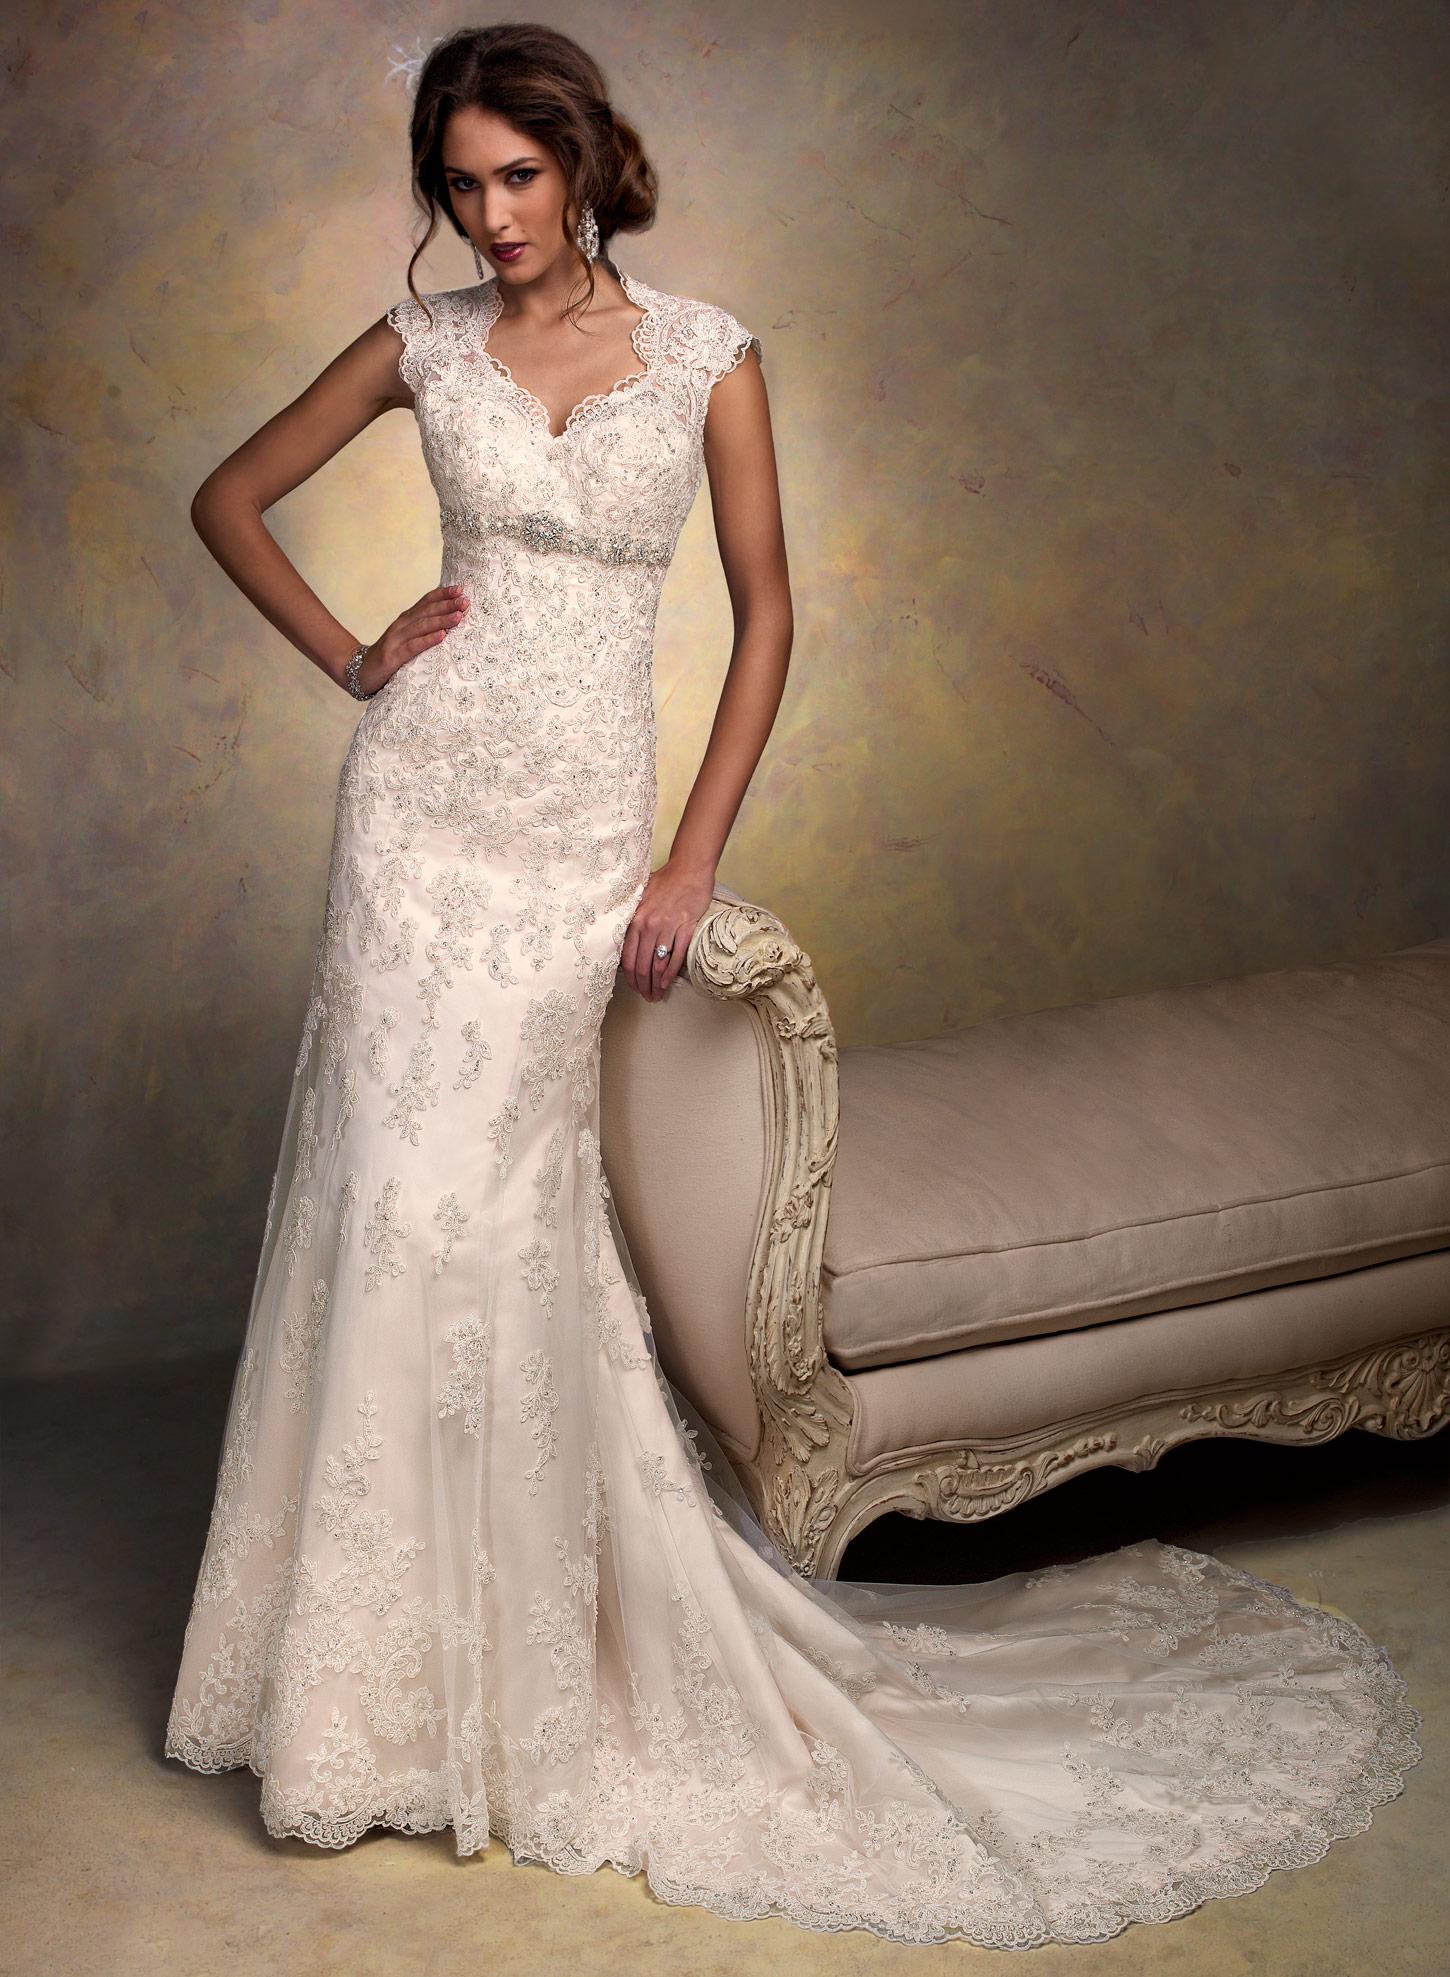 Фото свадебных платьев с кружевом и шлейфом 167